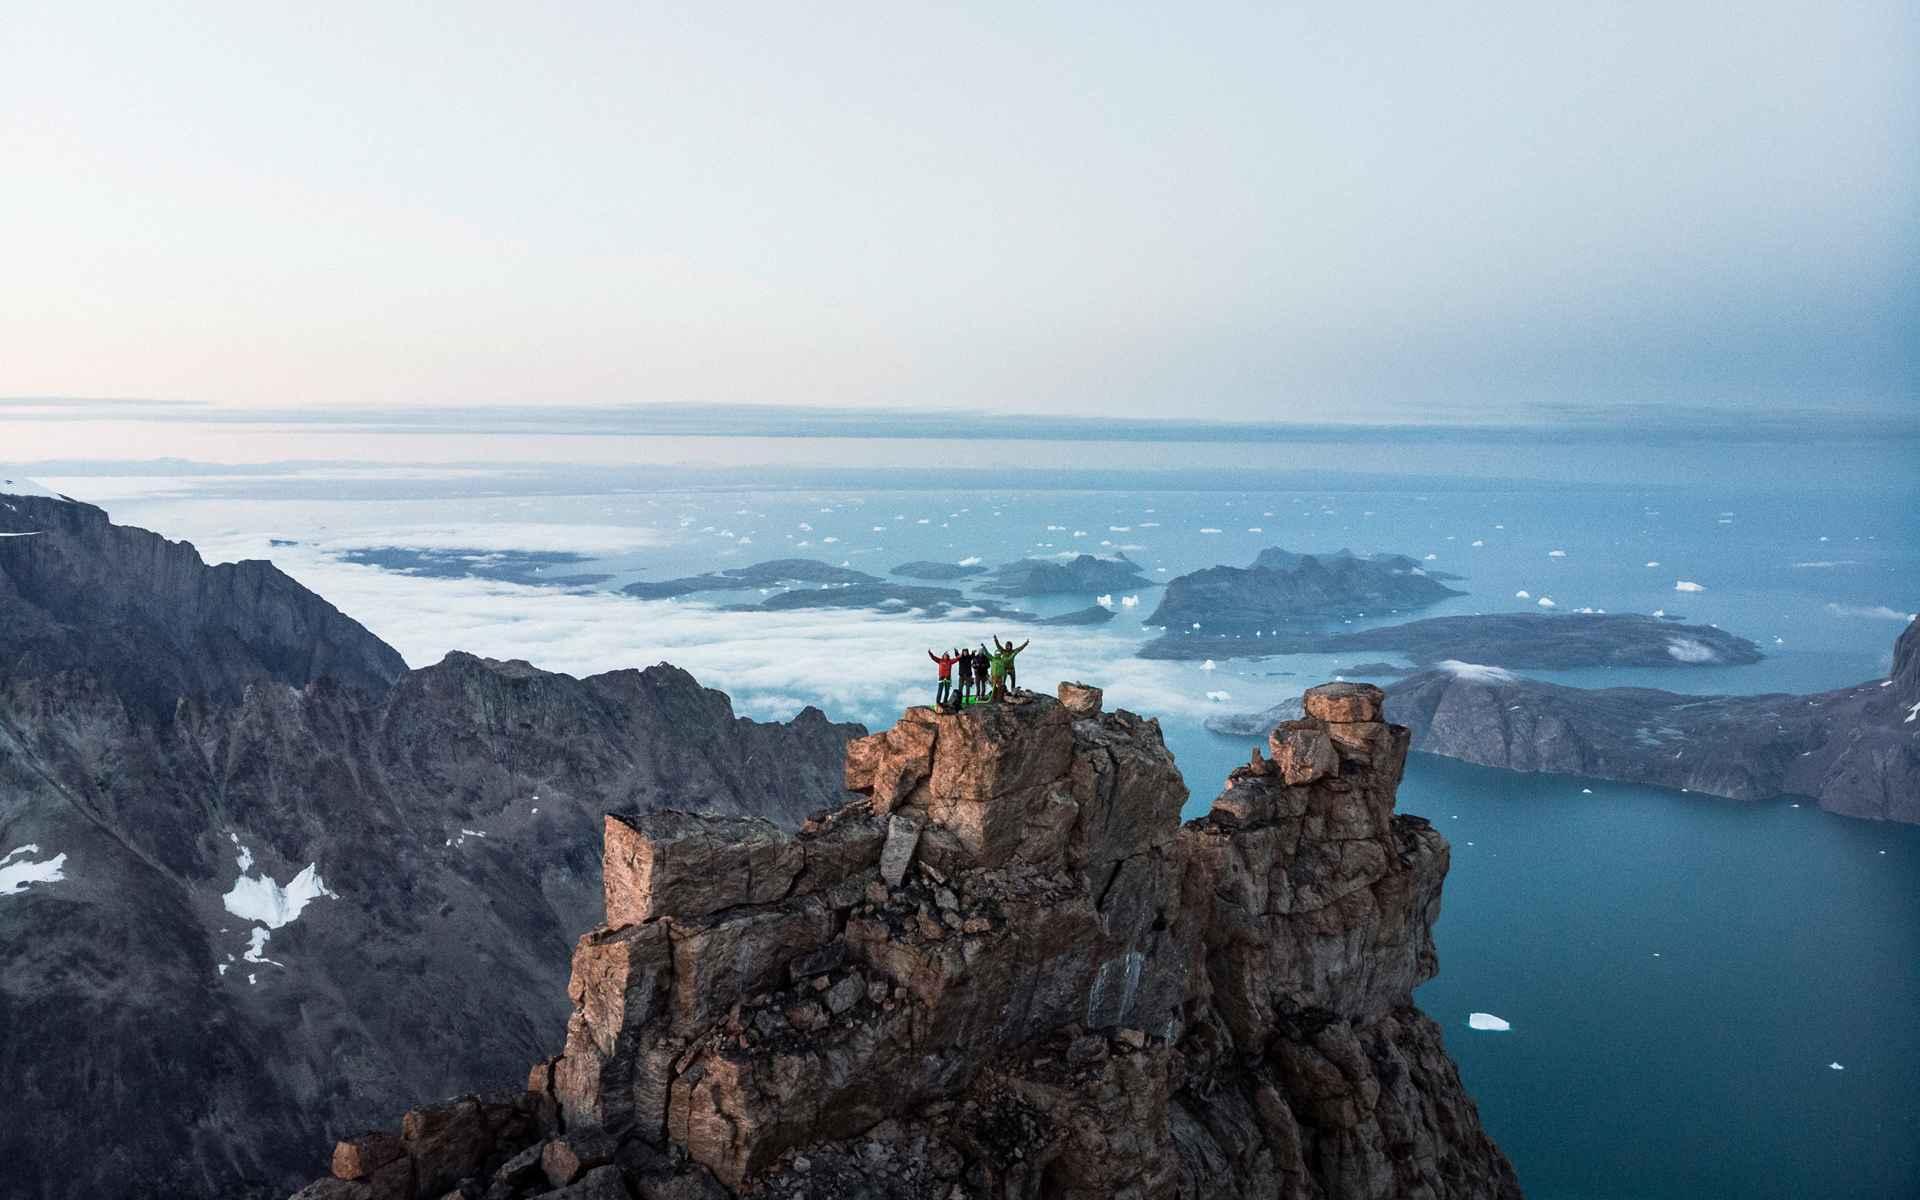 Für Stefan Glowacz ist das Abenteuer Grönland nun vollständig geschafft